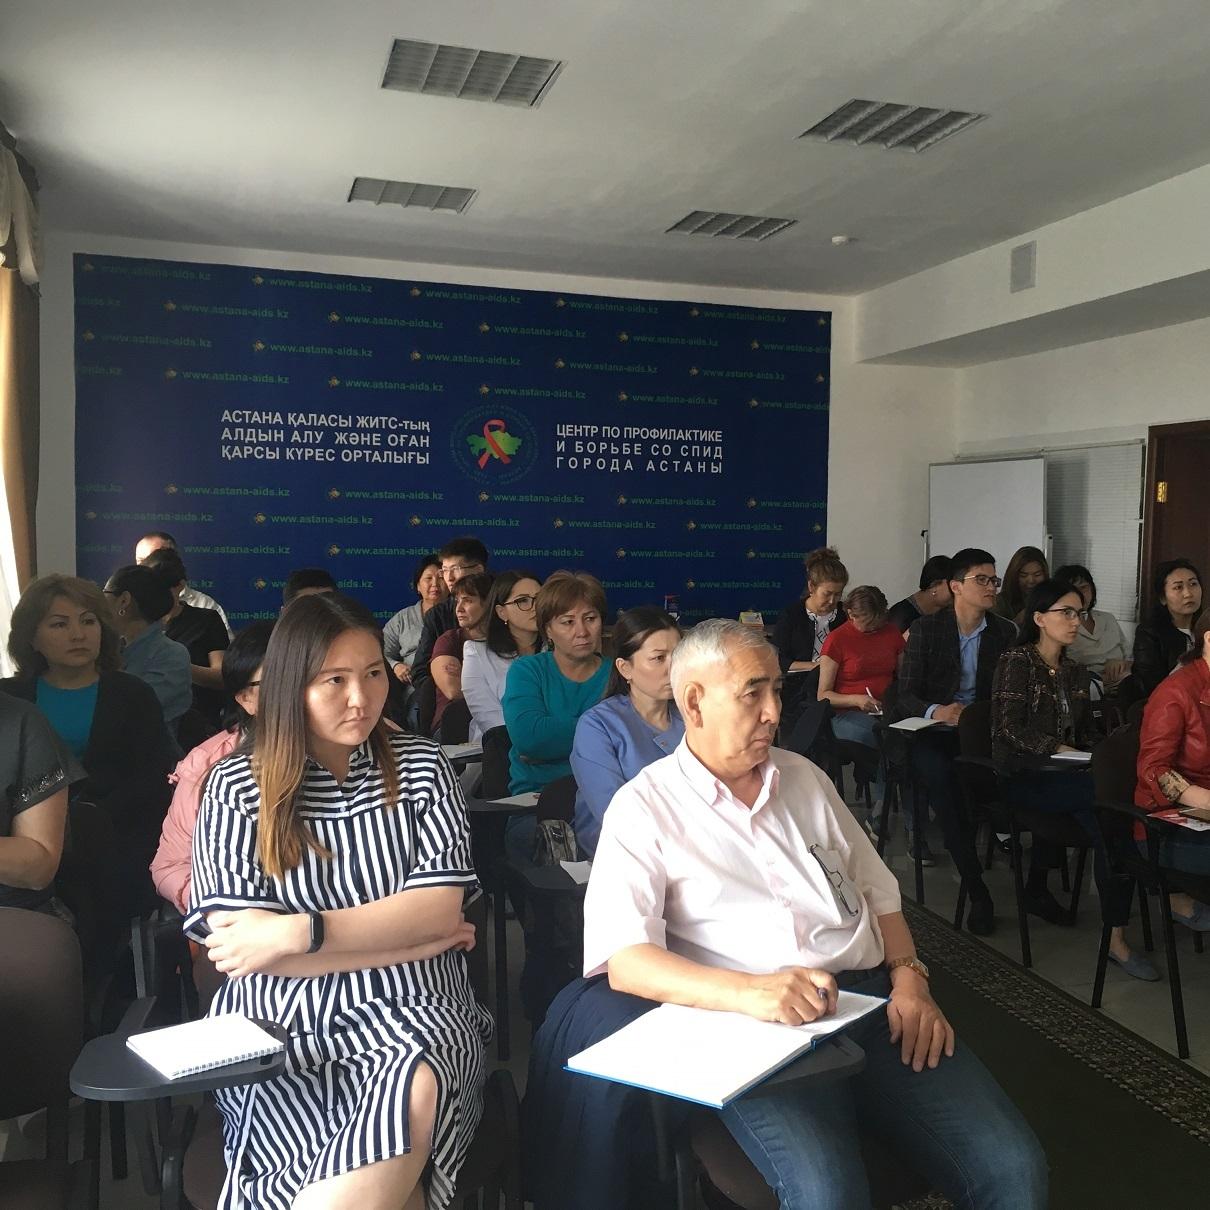 Обучающий семинар в Центр СПИД г. Нур-Султан